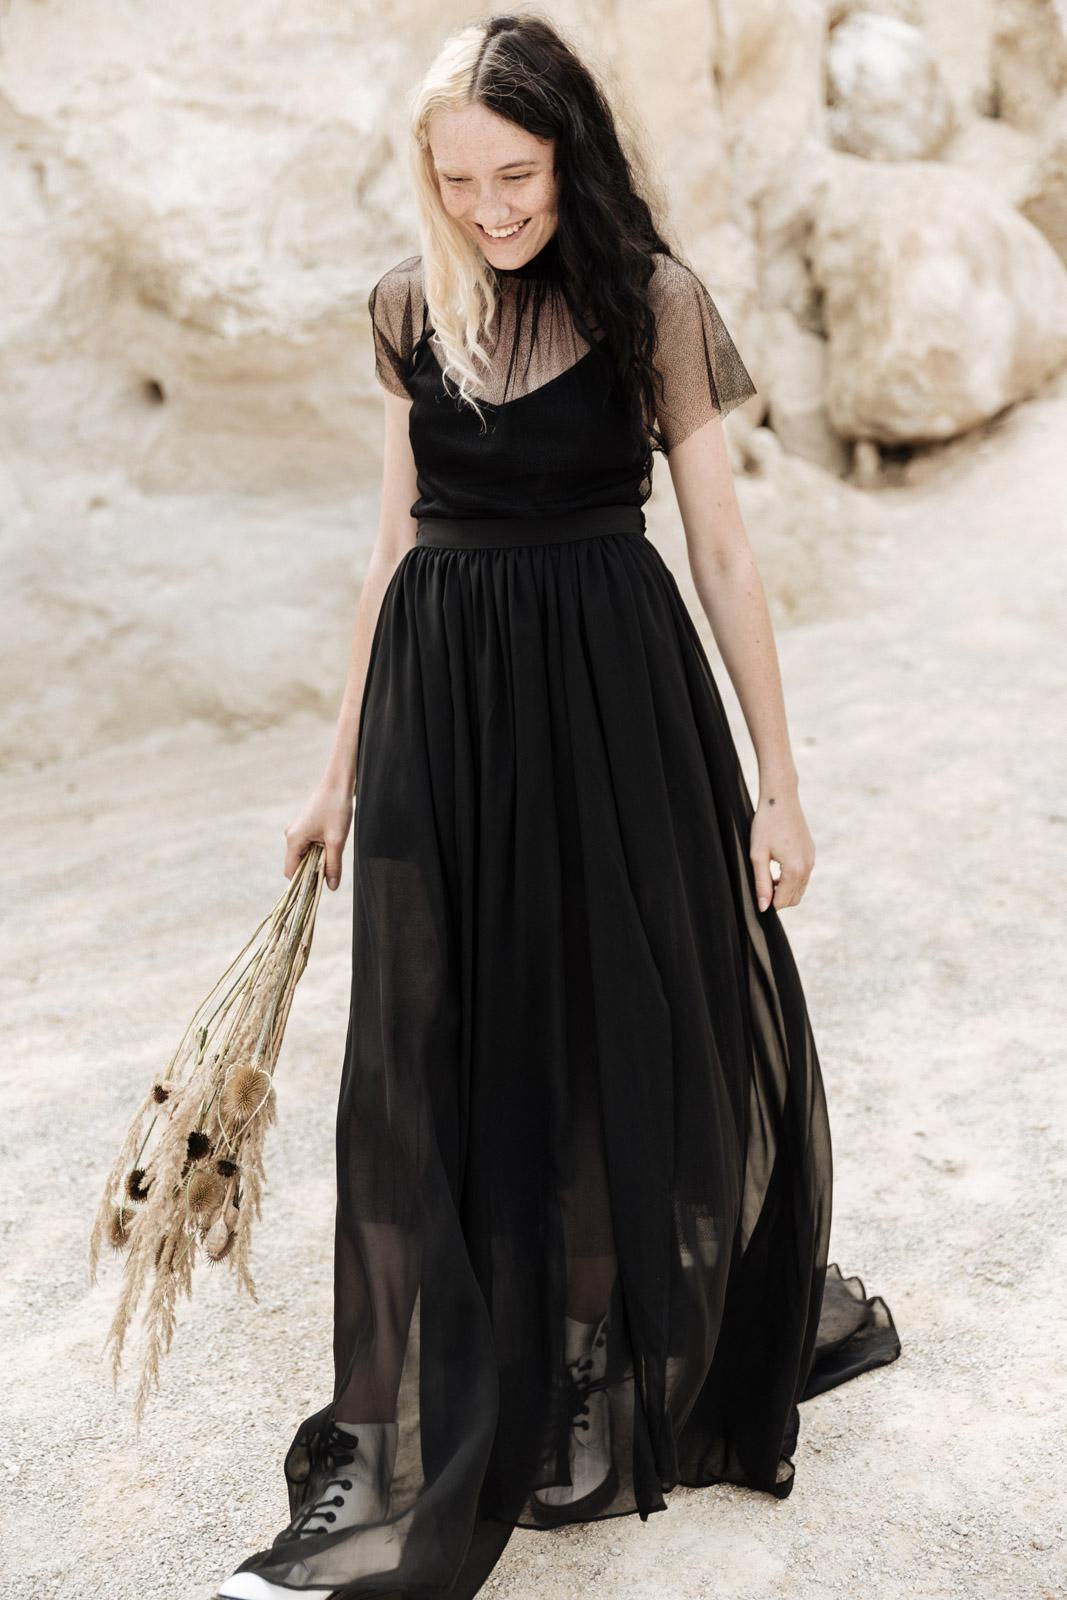 černé svatební šaty Lucie Komárková - svatební fotografka Ceranna Photography - podzimní svatební květiny Loukykvět - alternativní svatební editorial